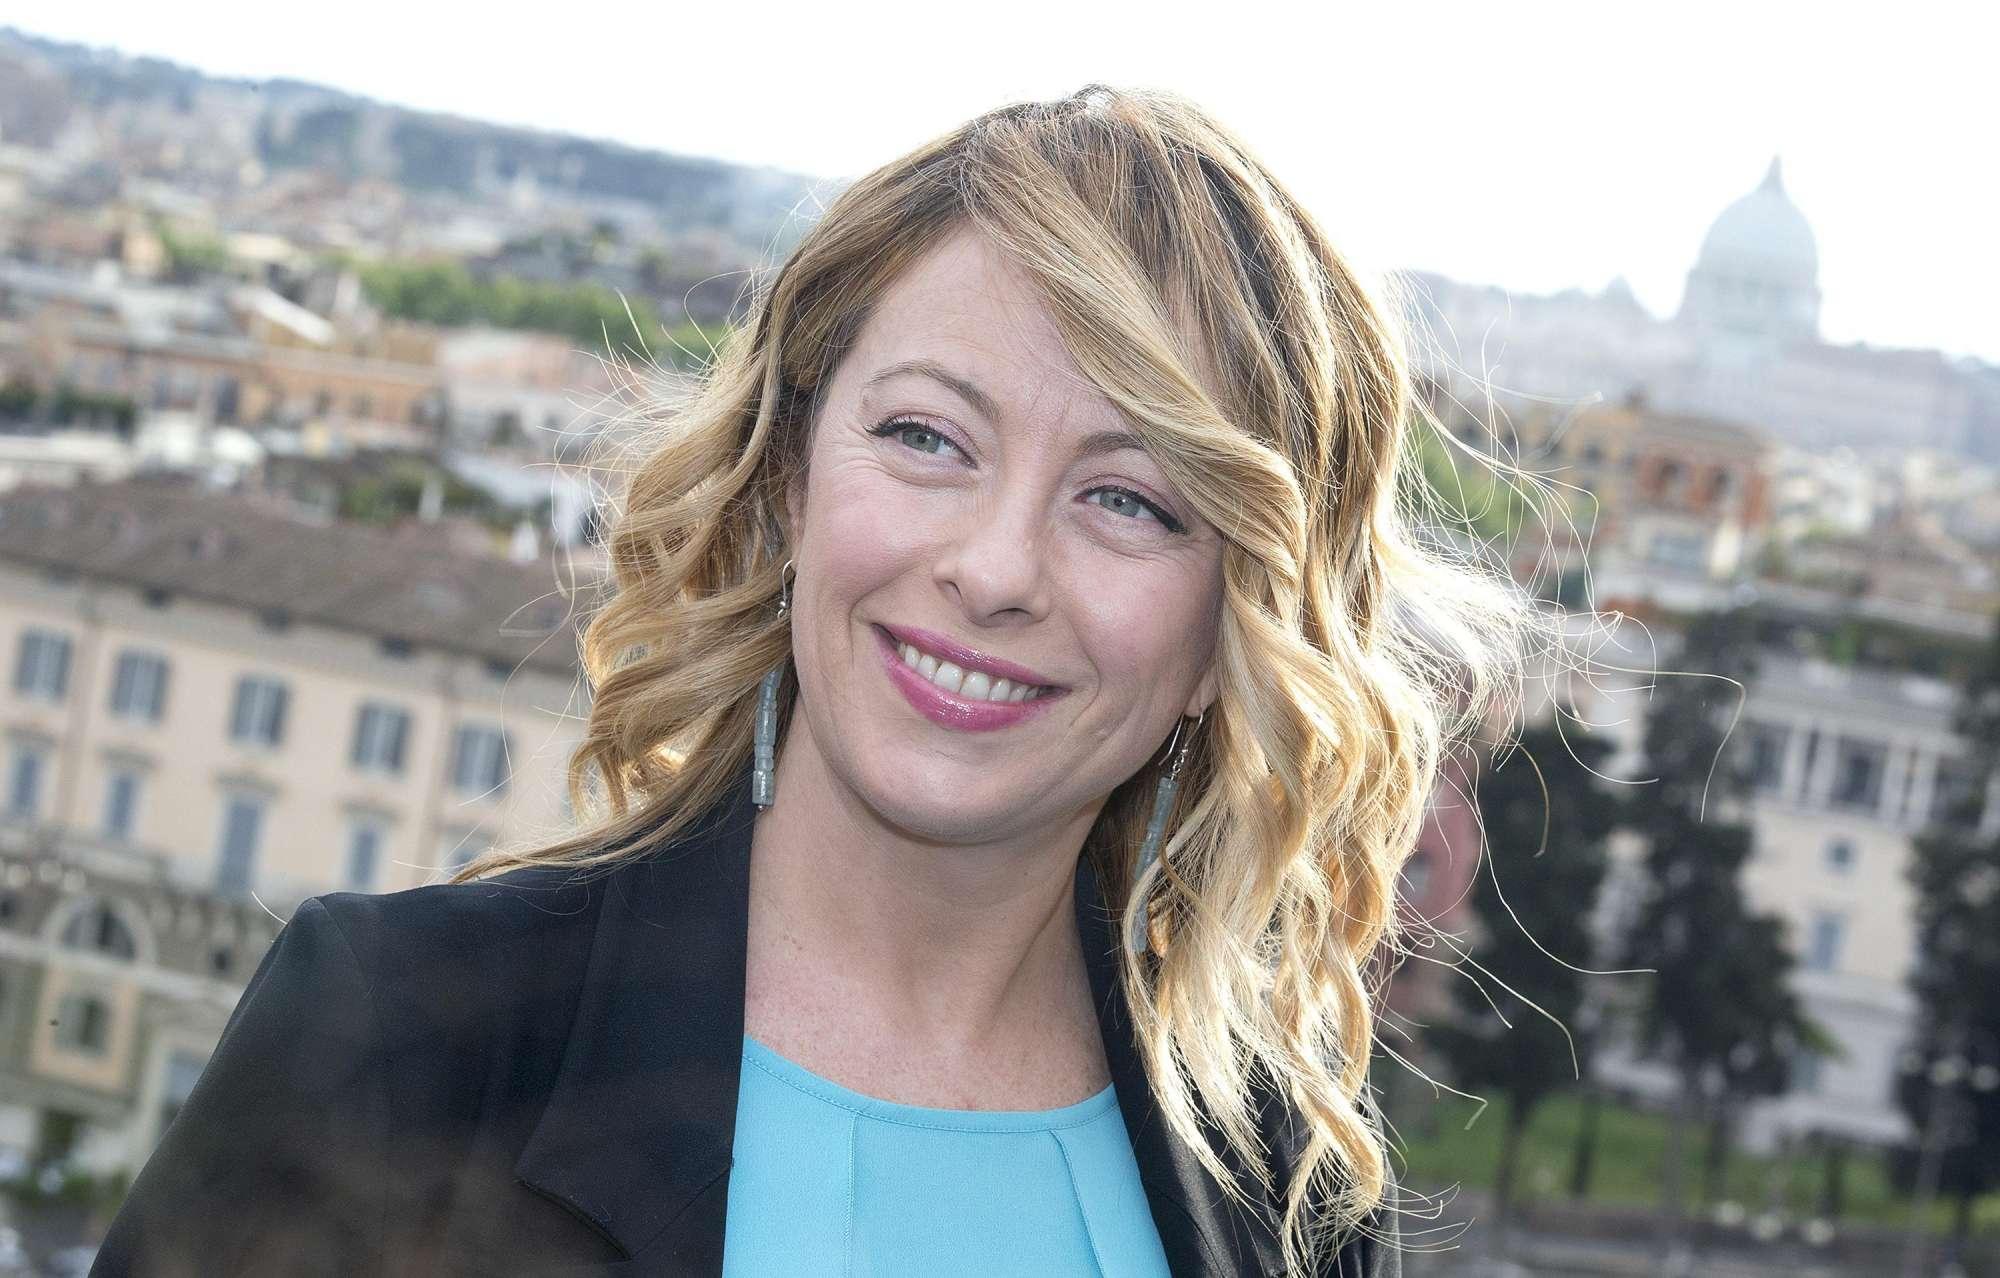 Giorgia Meloni, al via alla campagna elettorale per diventare sindaco di Roma